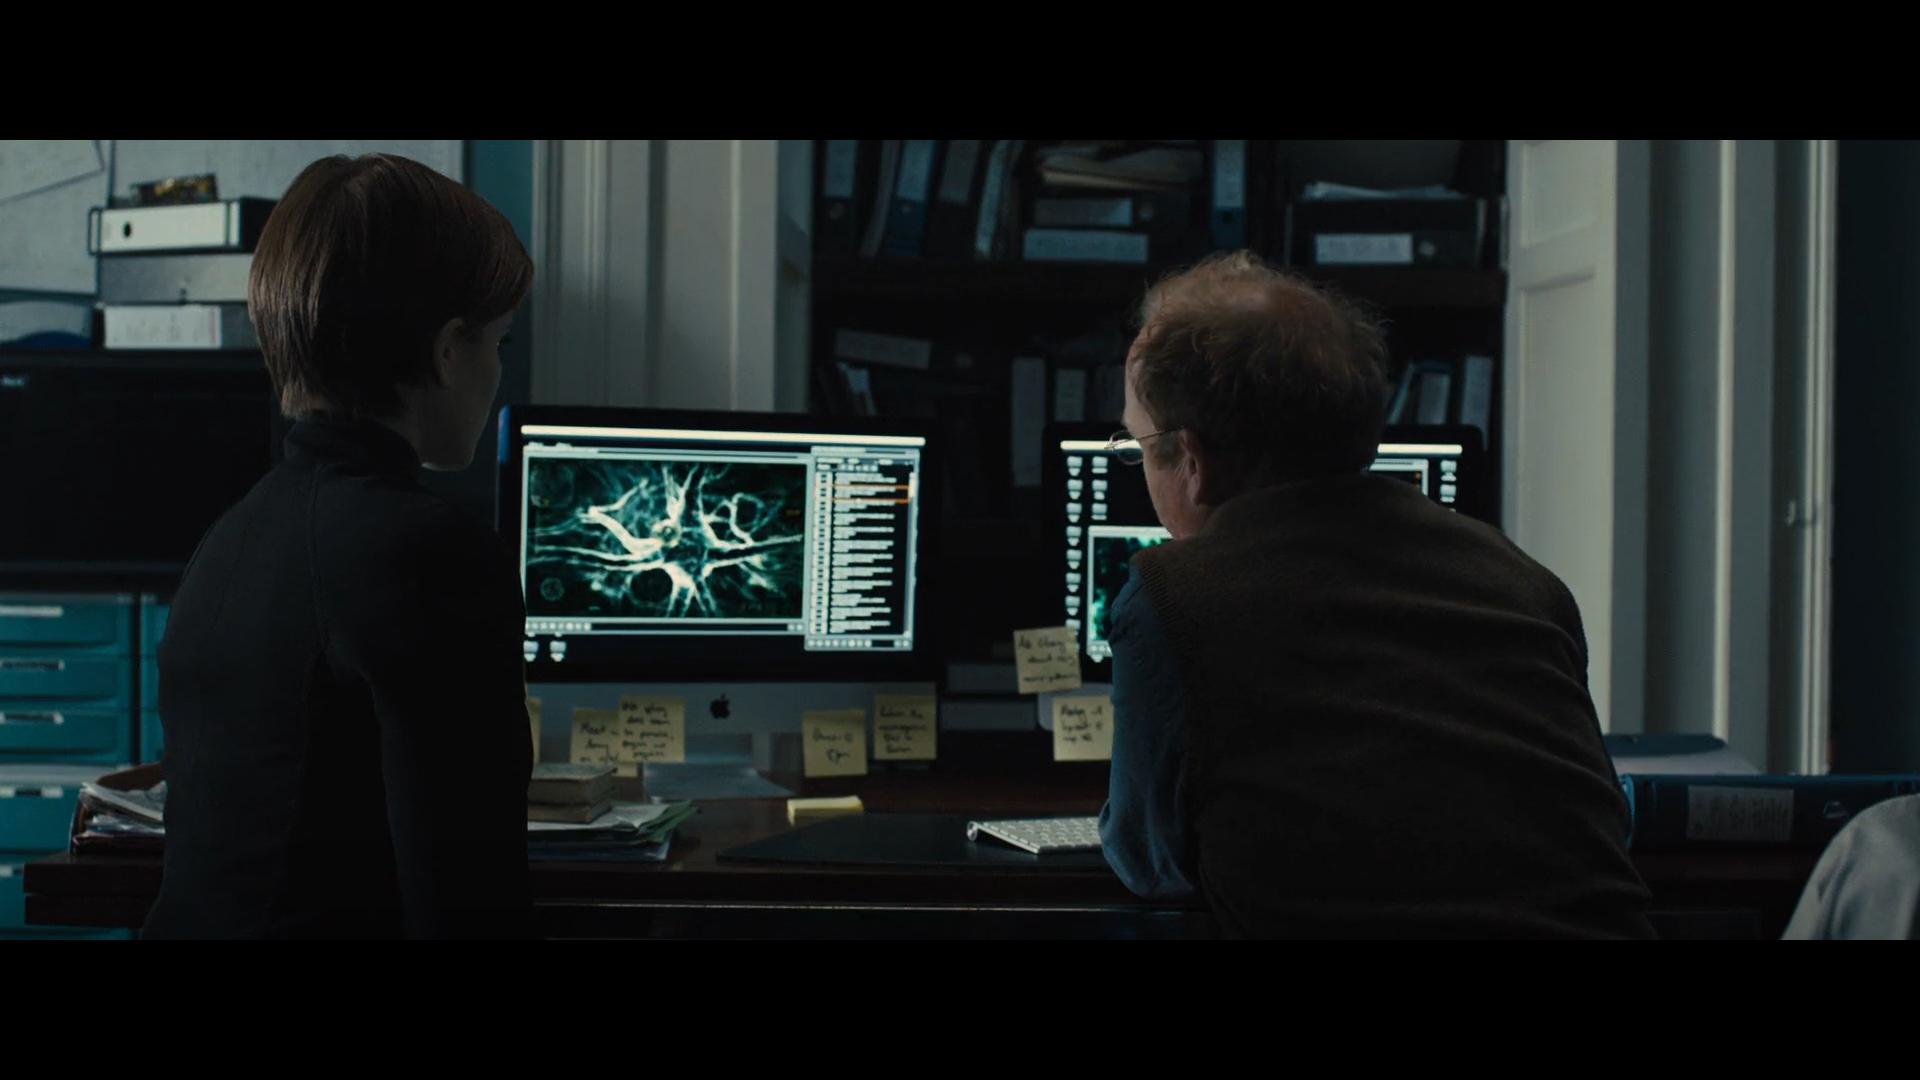 Morgan_screens__0005_07.jpg